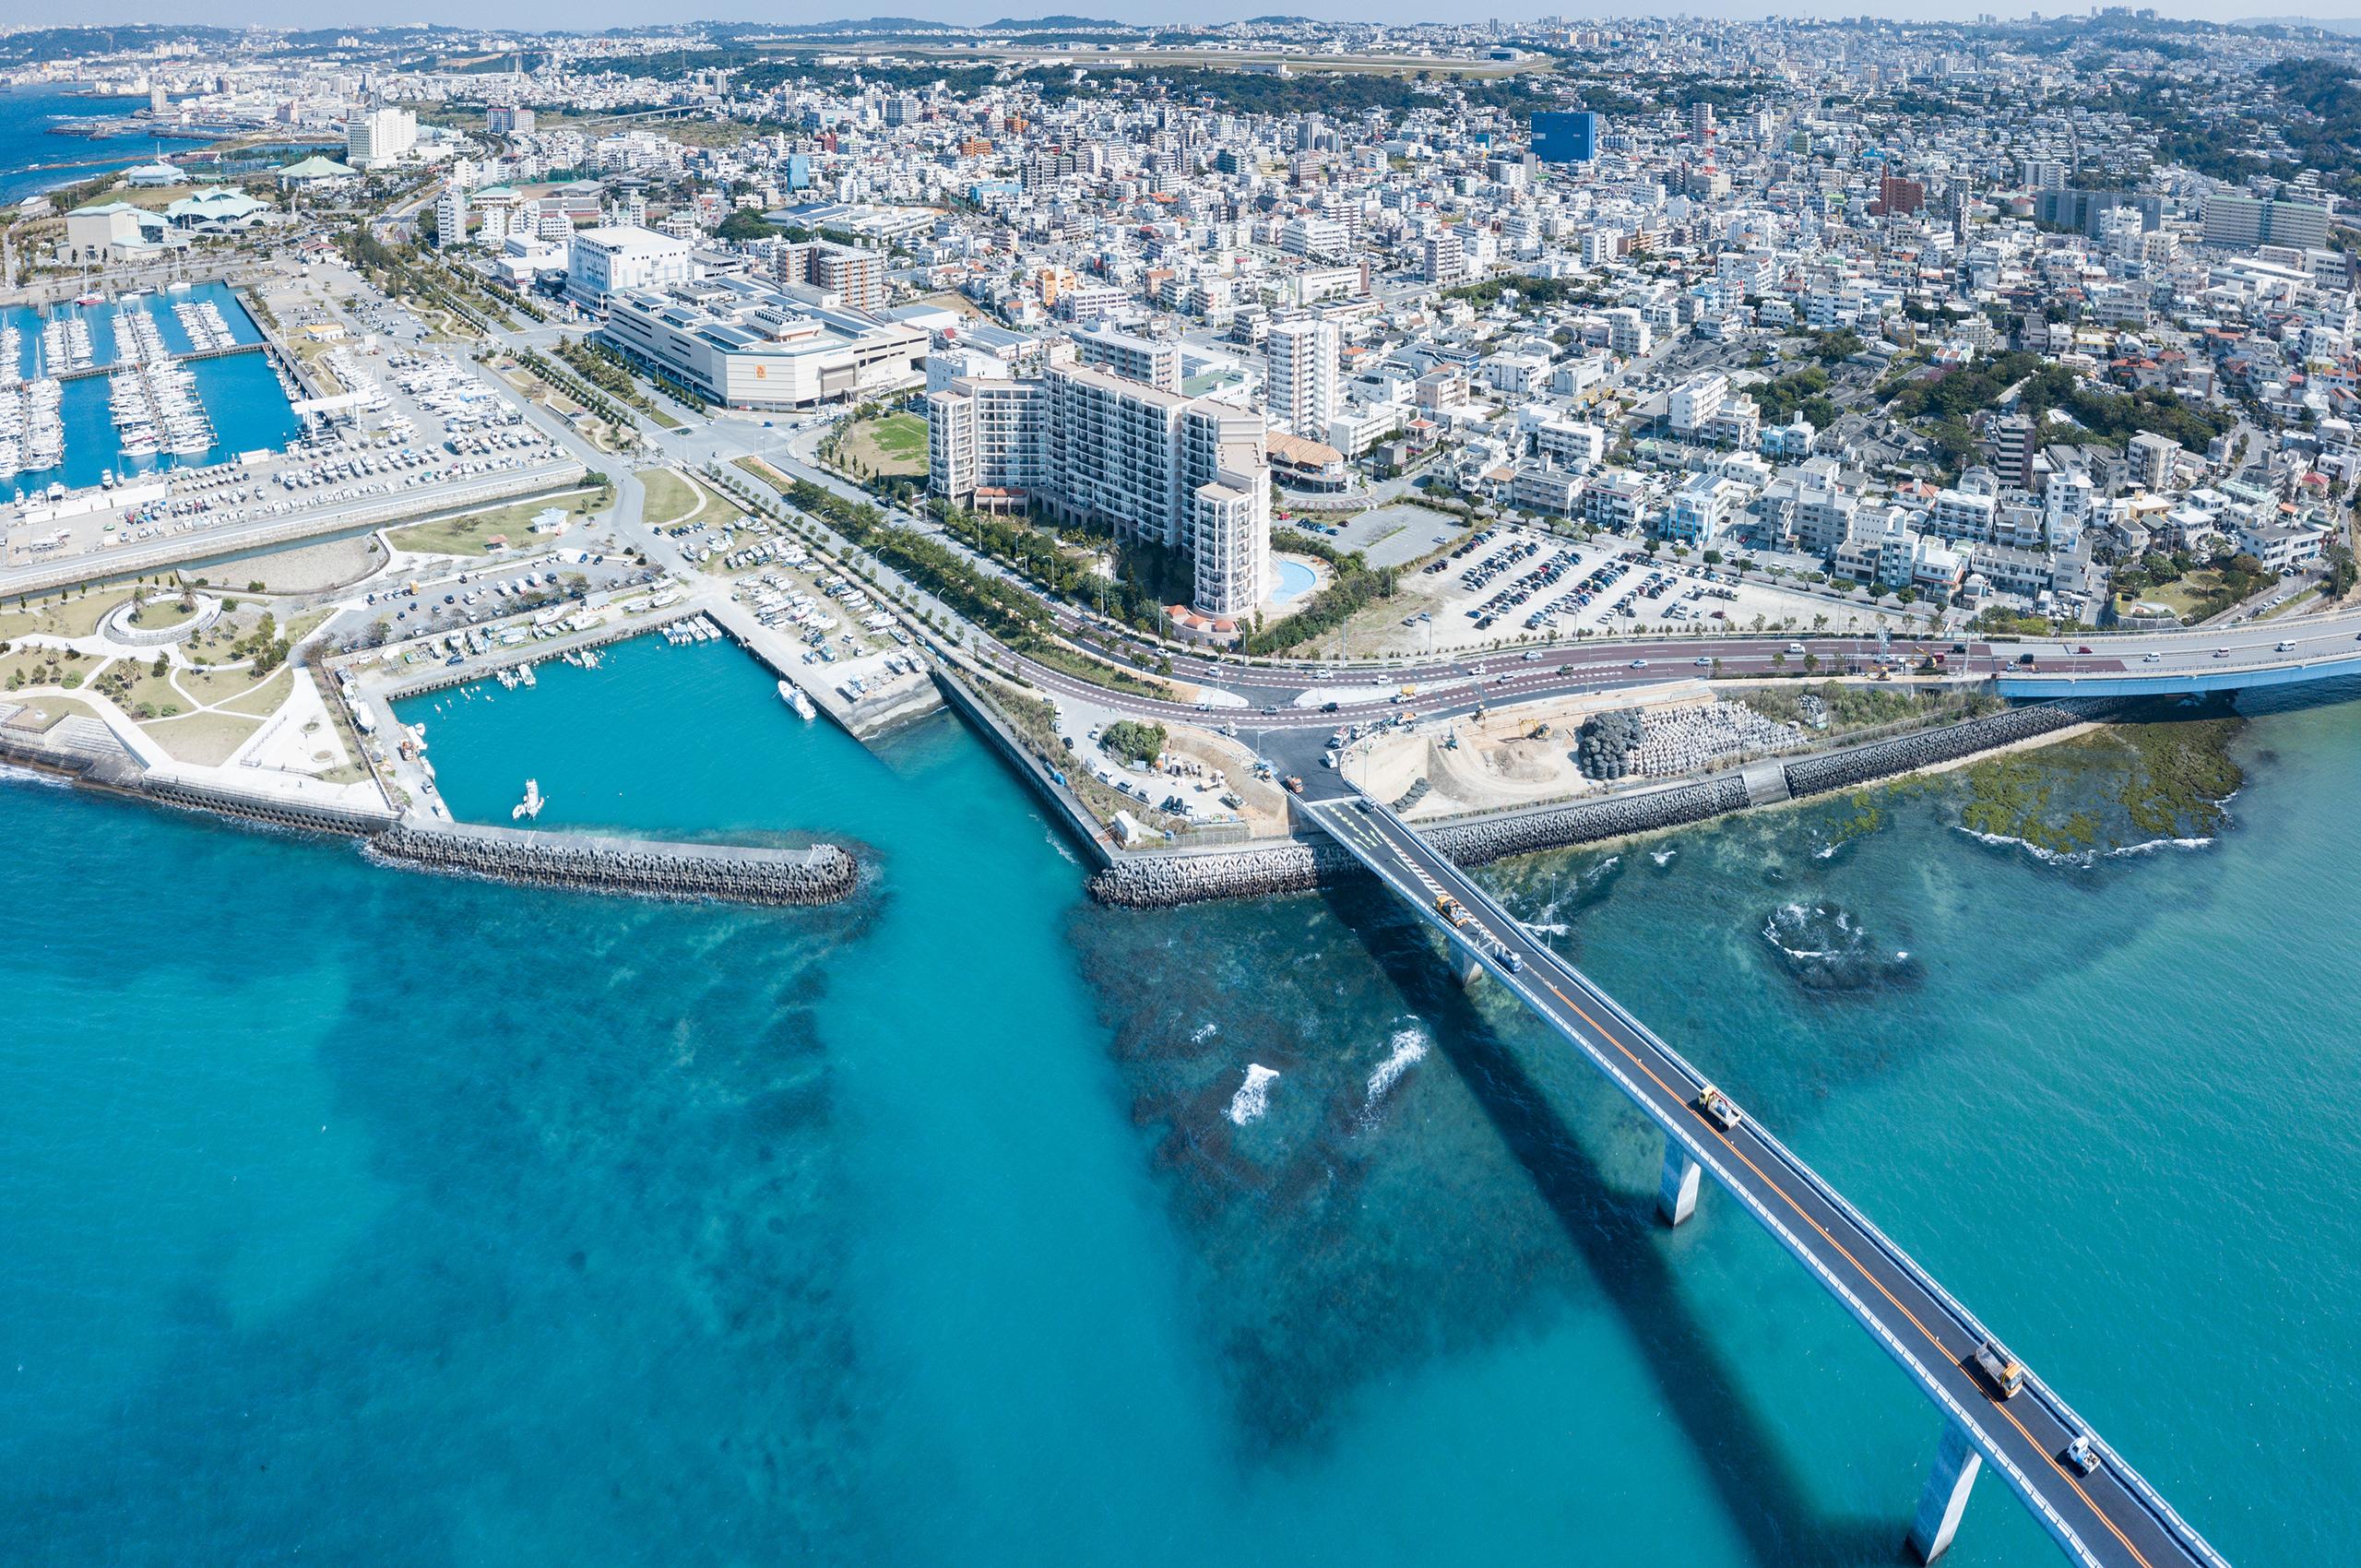 沖縄上空からの撮影